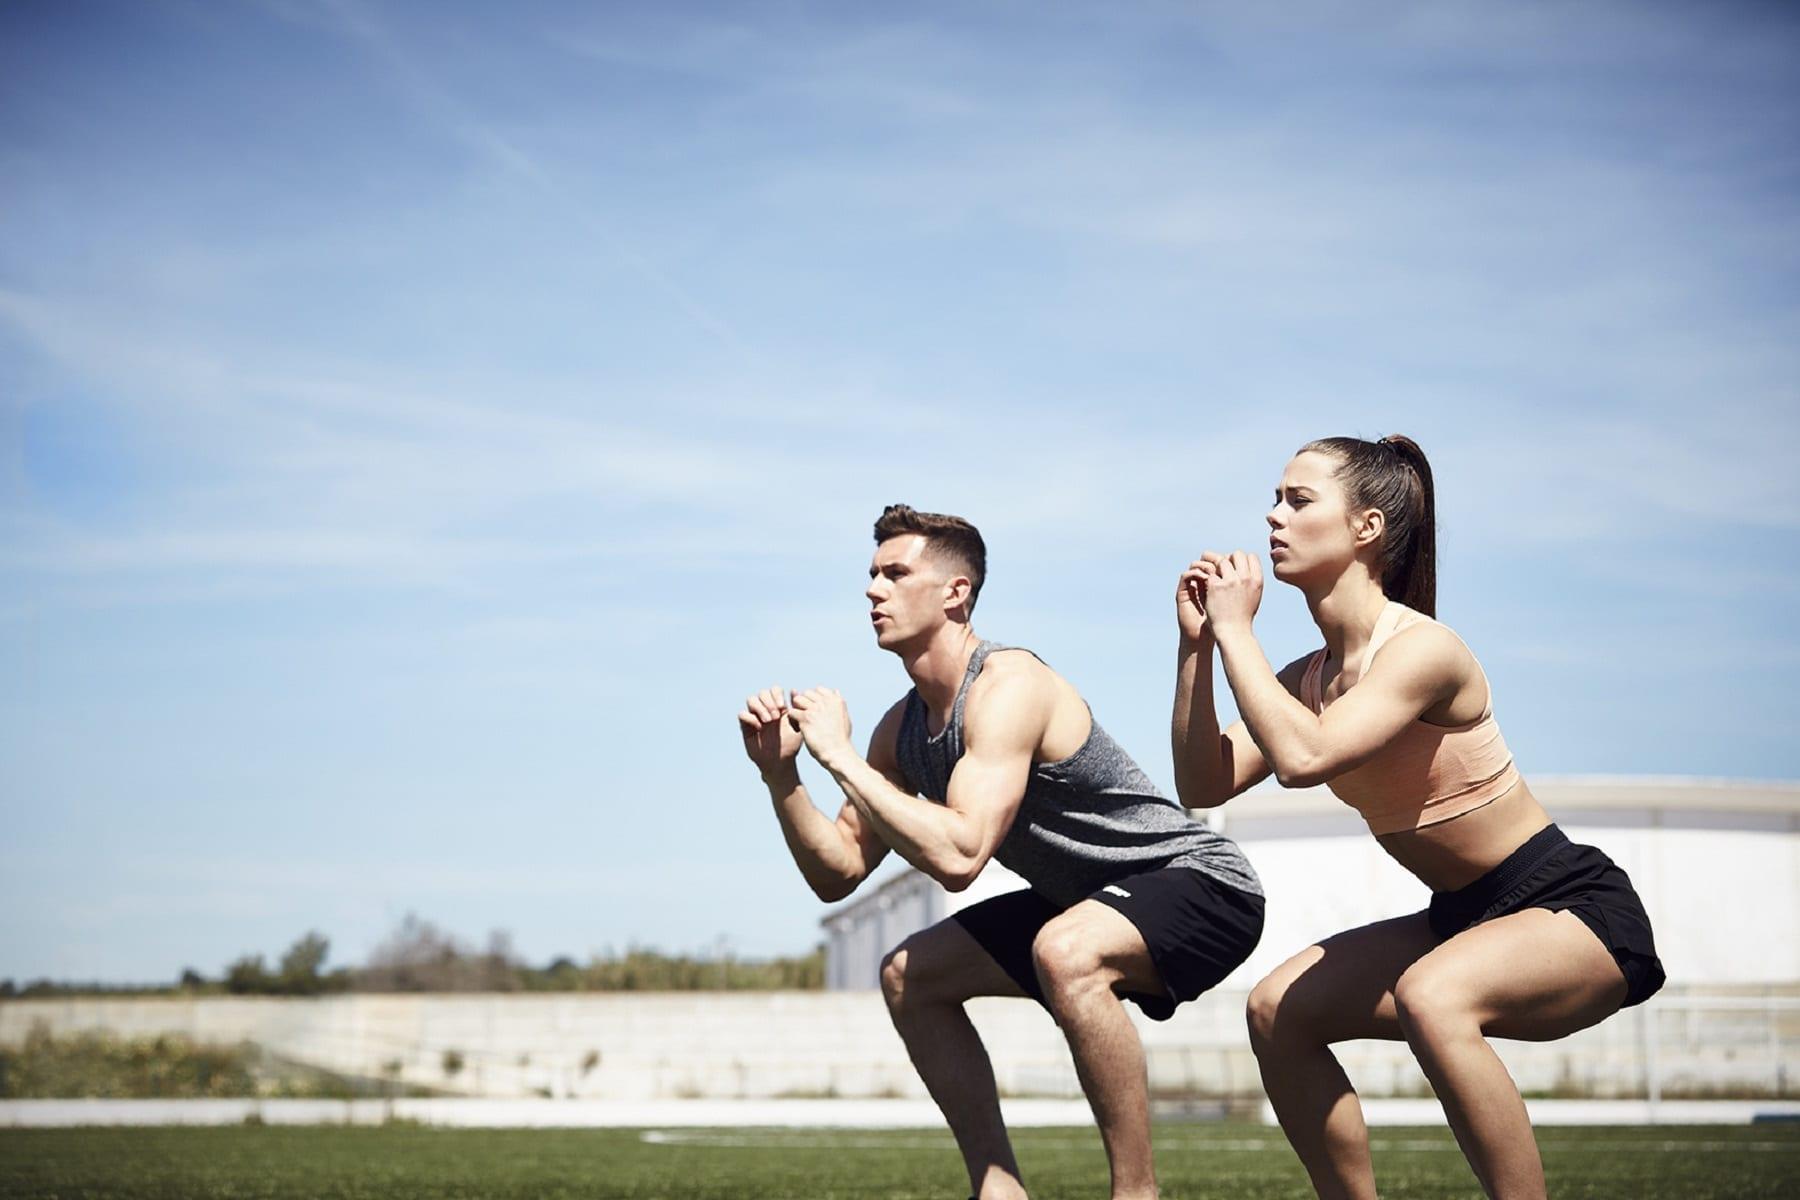 Mann und Frau machen Squats